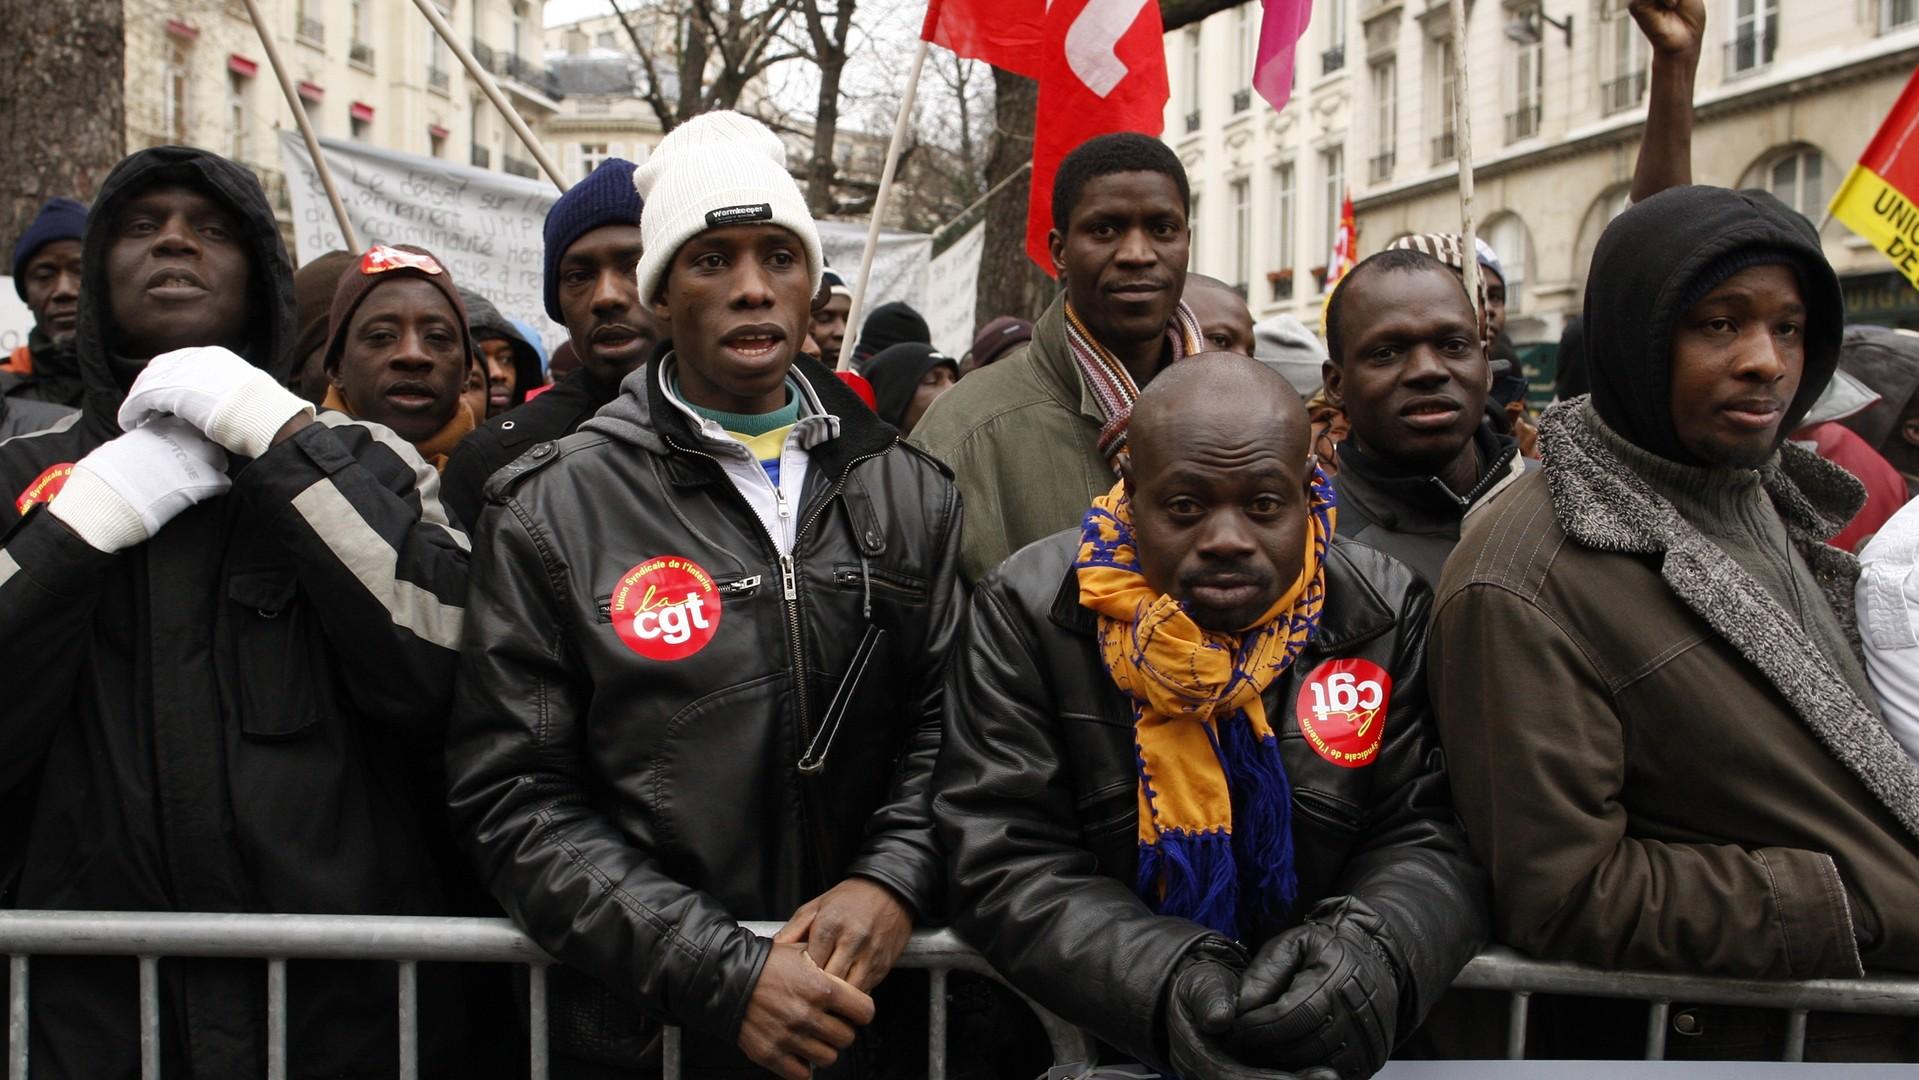 Des immigrés illégaux manifestaient pour obtenir la légalisation de leur situation à Paris en 2010